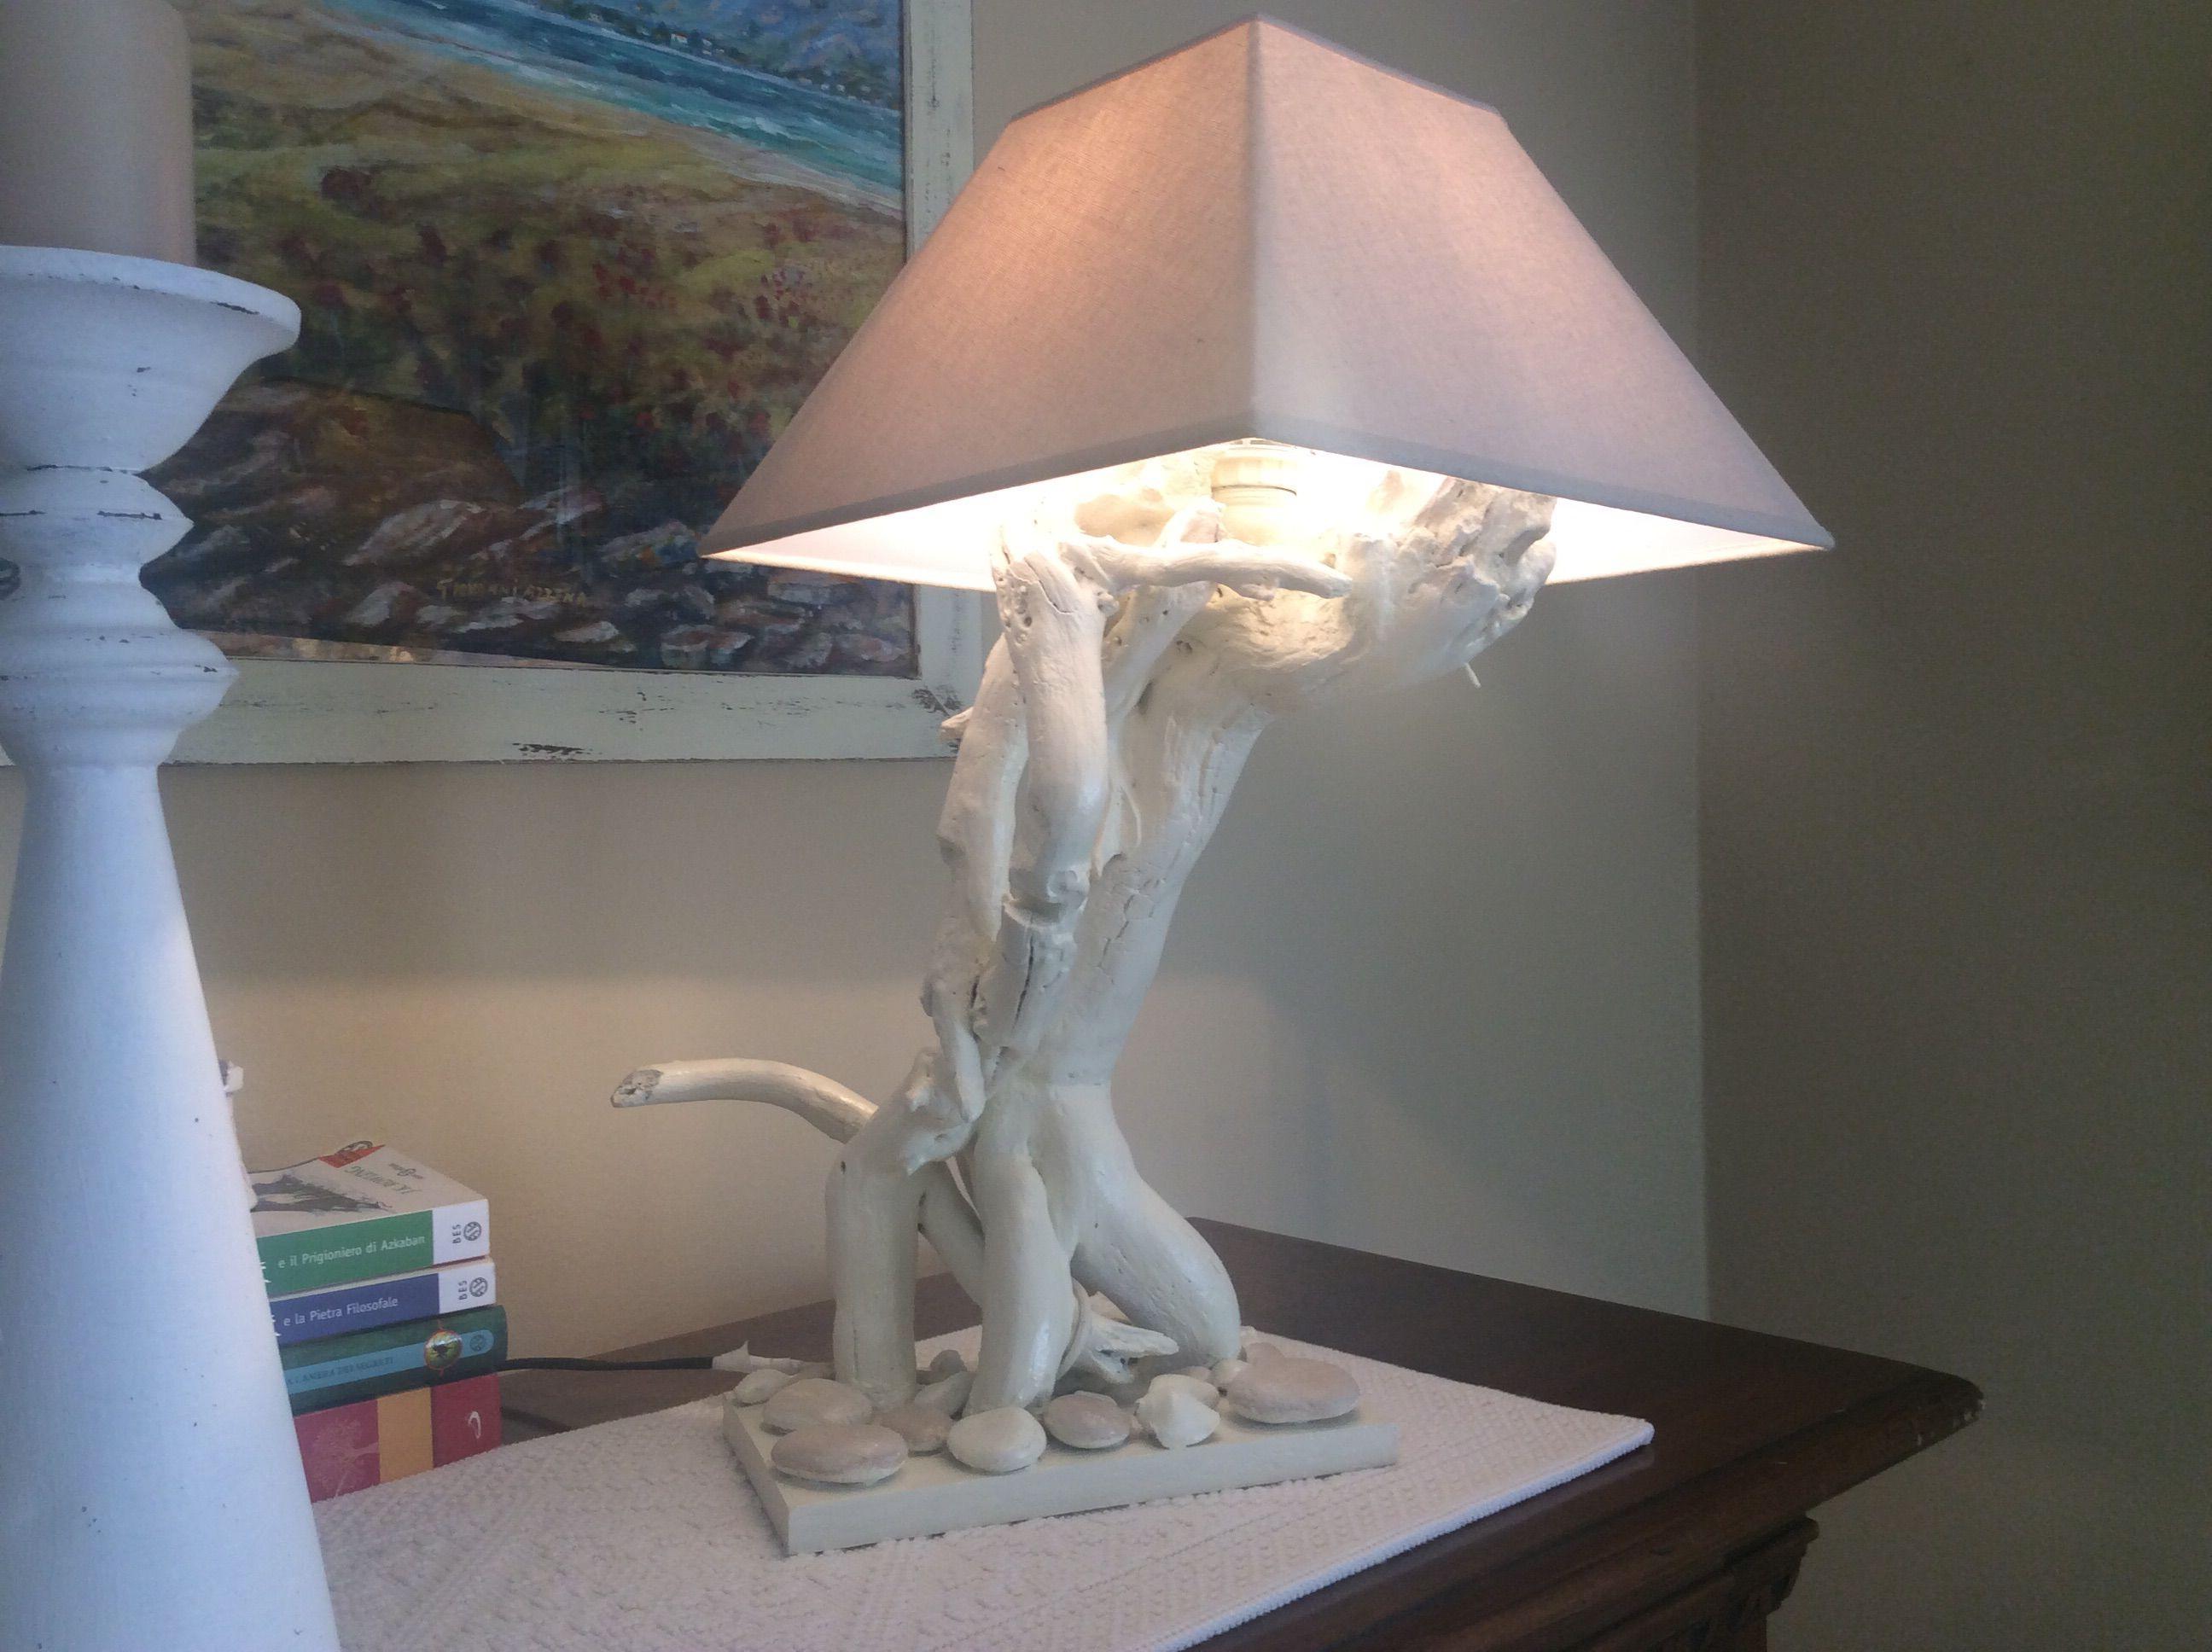 Lampade In Legno Di Mare : Lampade legno di mare le migliori idee per la tua design per la casa